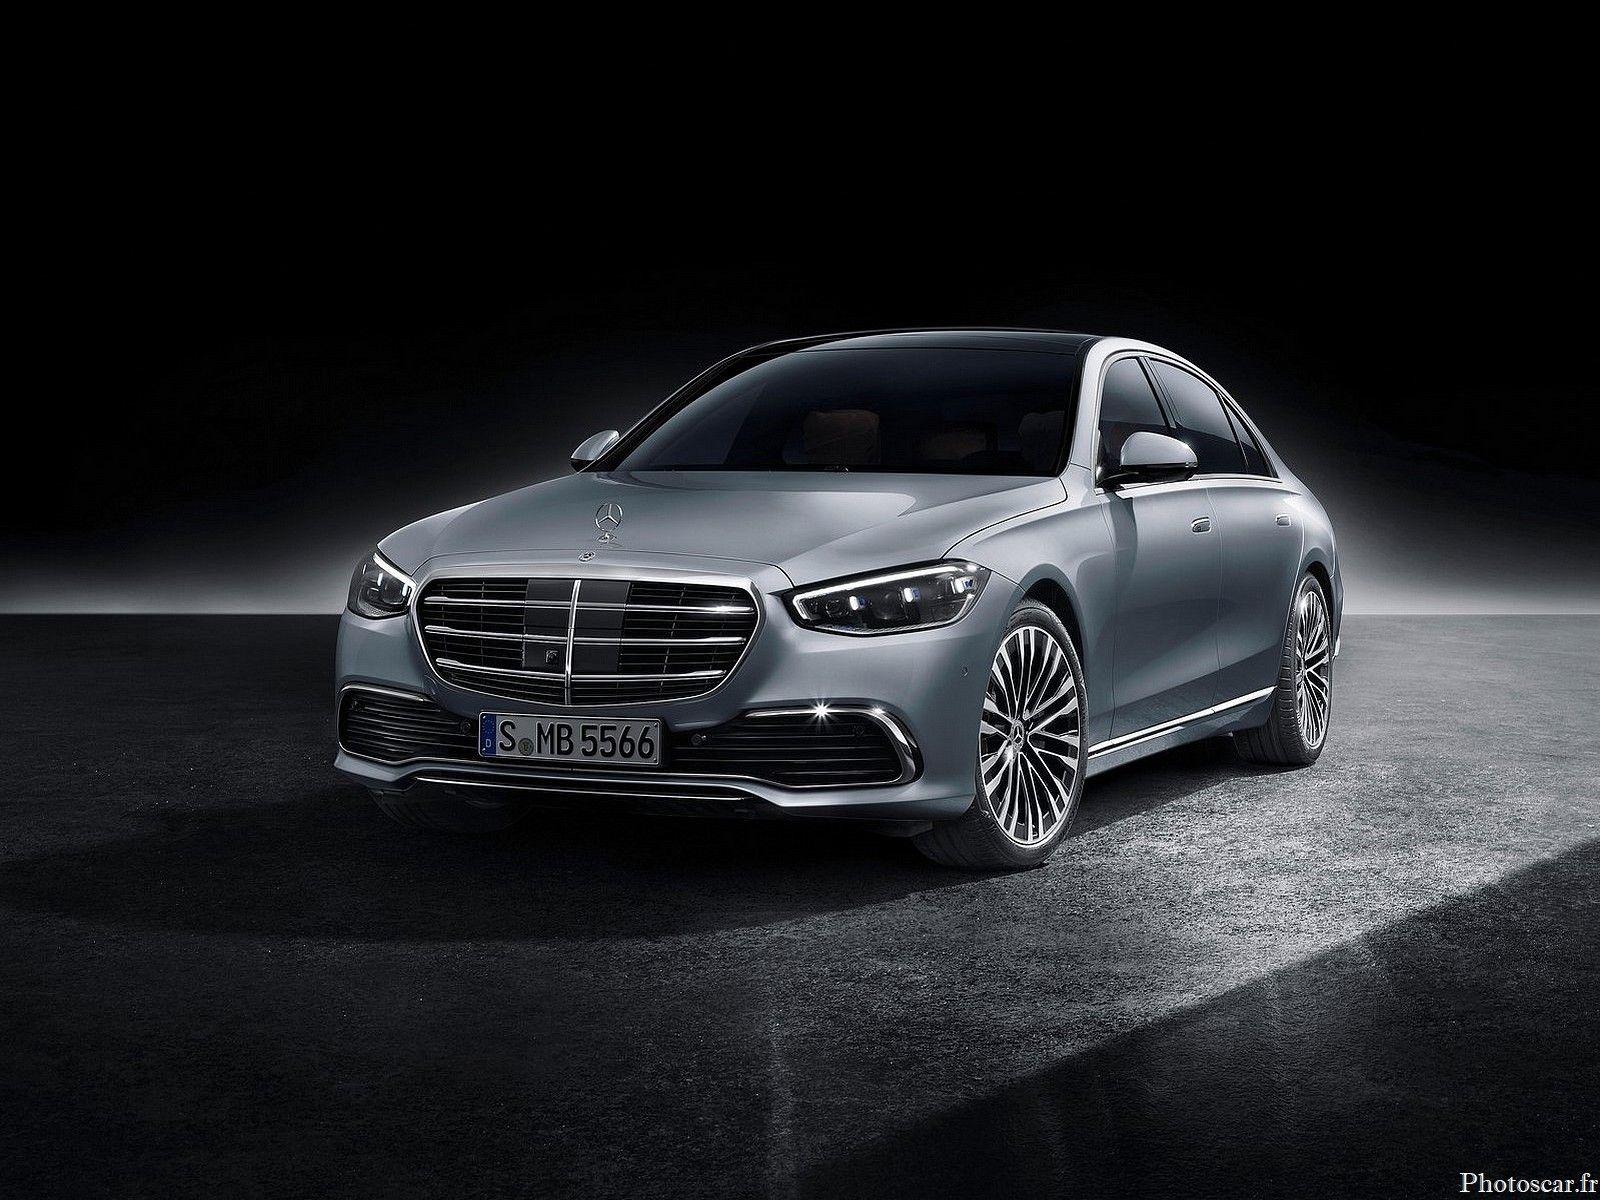 Mercedes Classe S 2021 Elle Ressembler A Un Yacht De Luxe Photoscar En 2020 Mercedes Yacht De Luxe Mercedes Benz